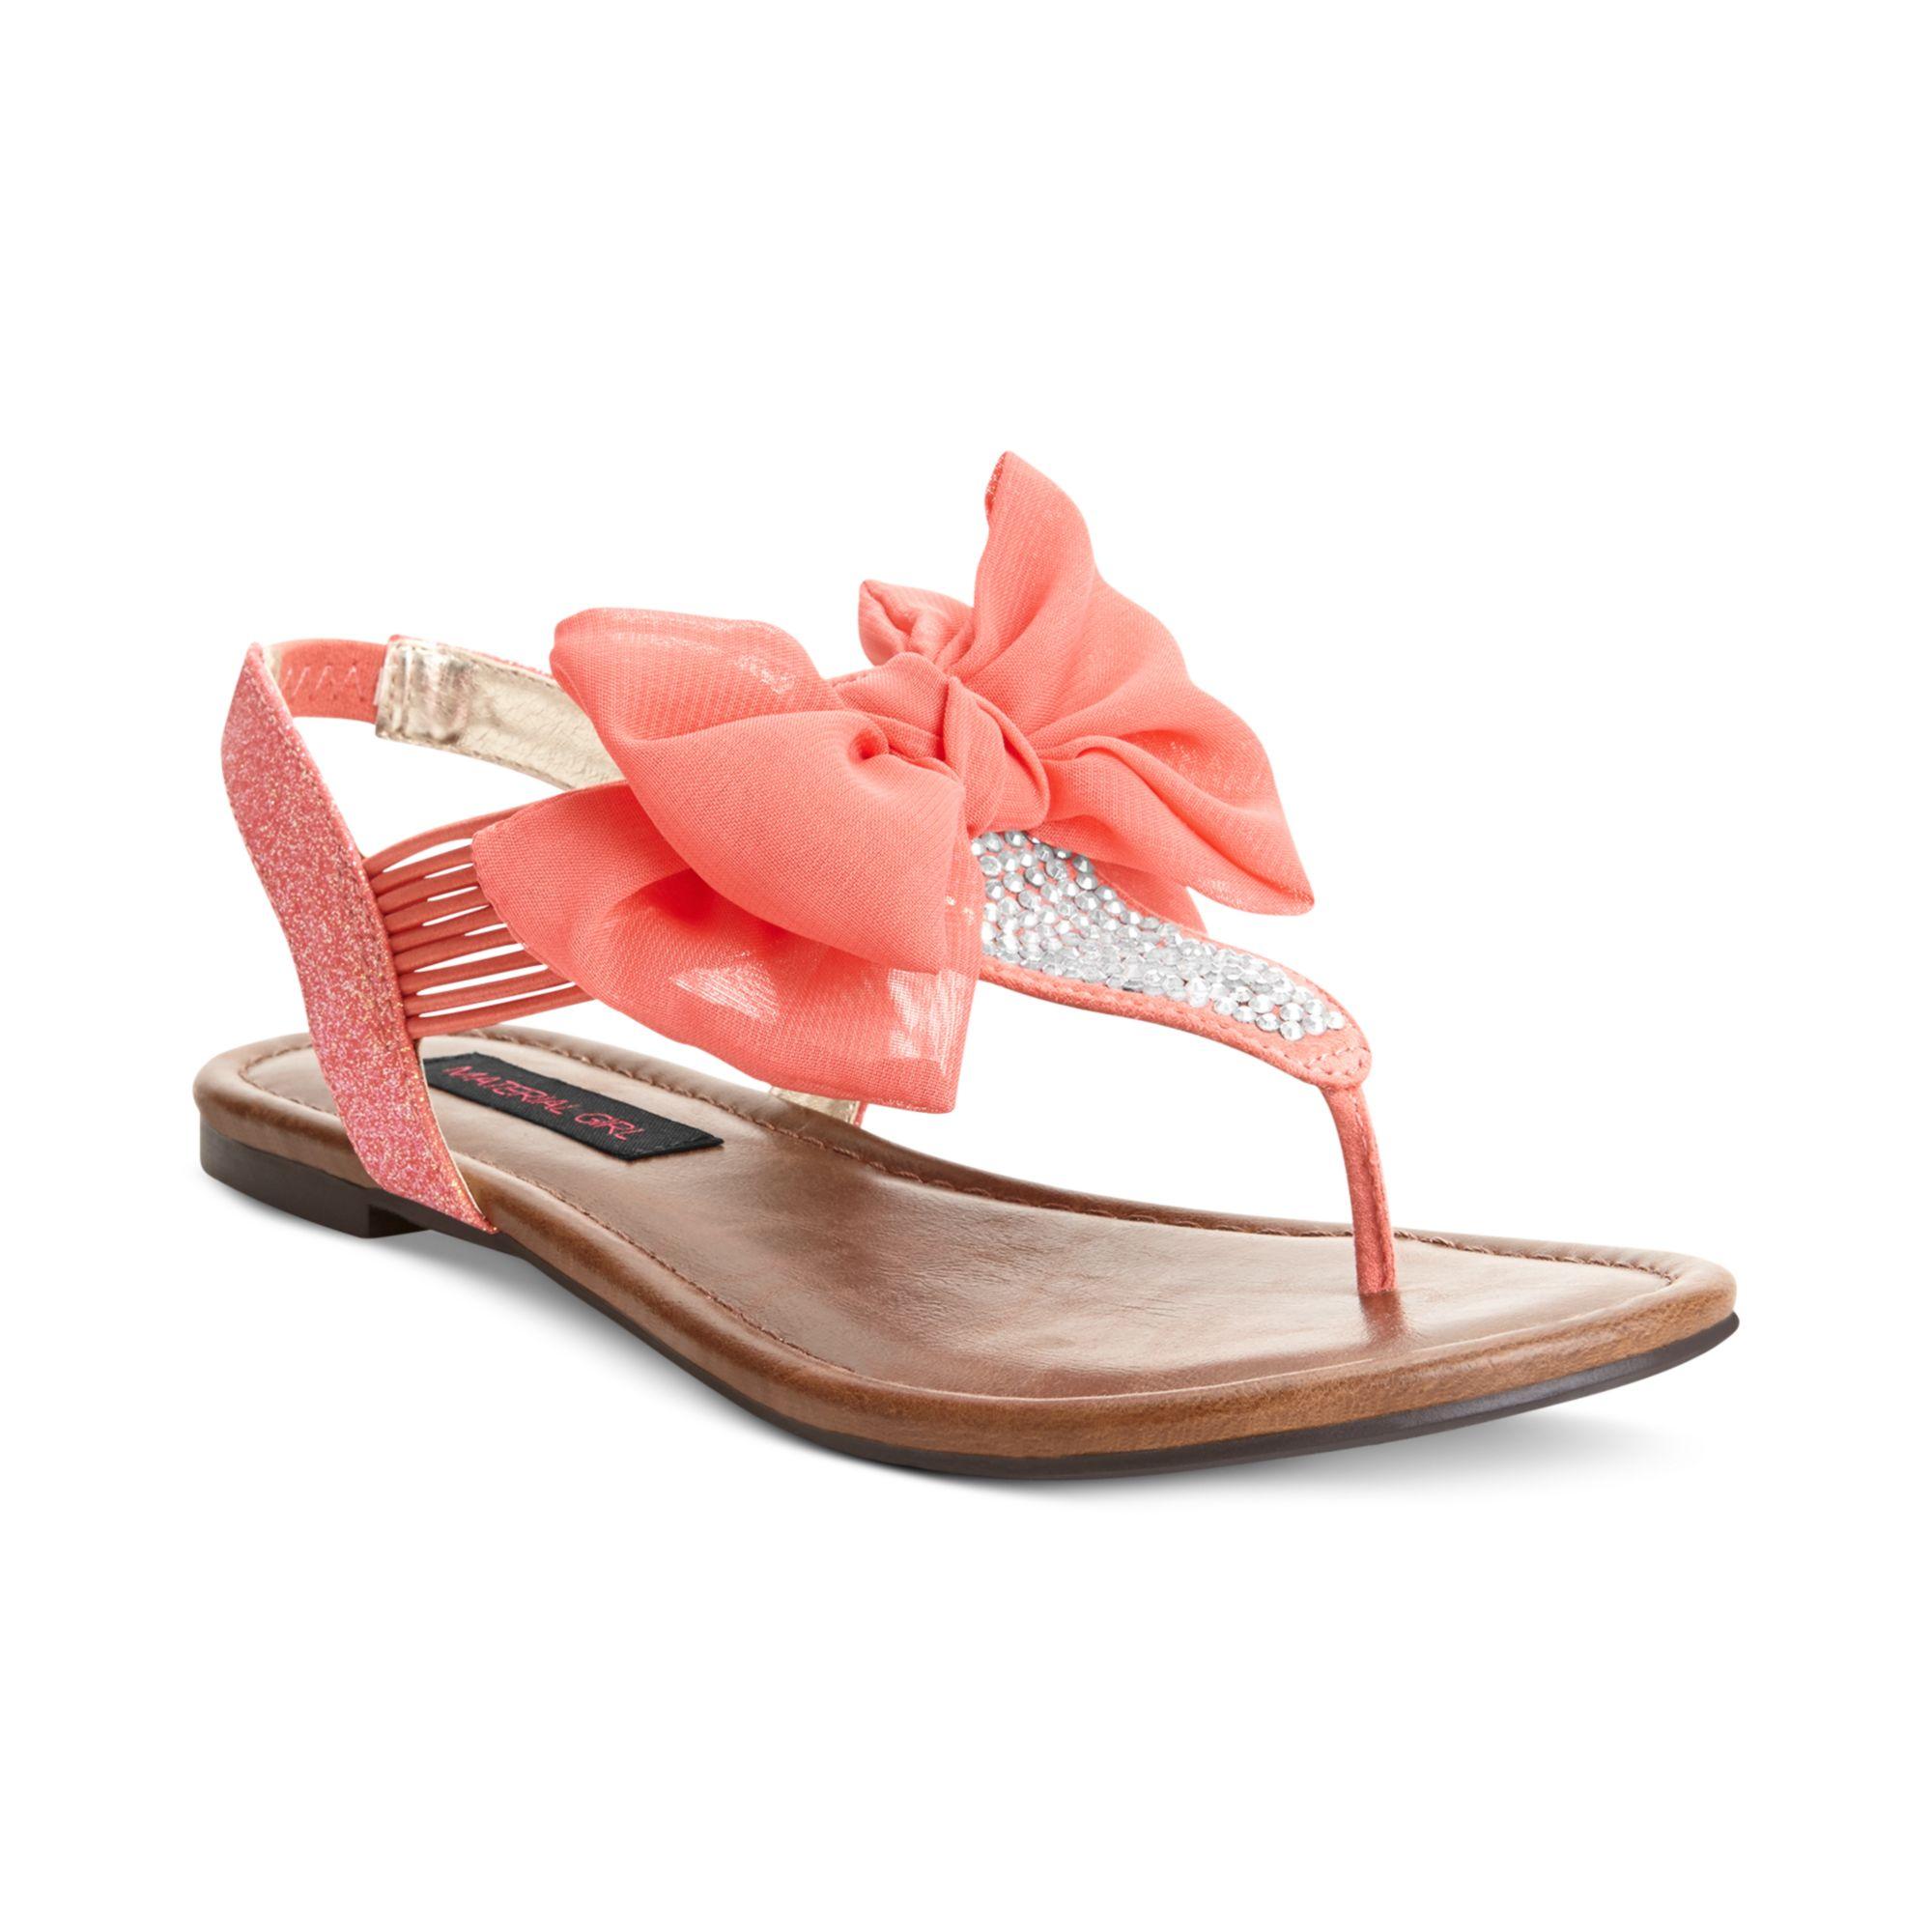 material girl skylar flat sandals in pink coral lyst. Black Bedroom Furniture Sets. Home Design Ideas